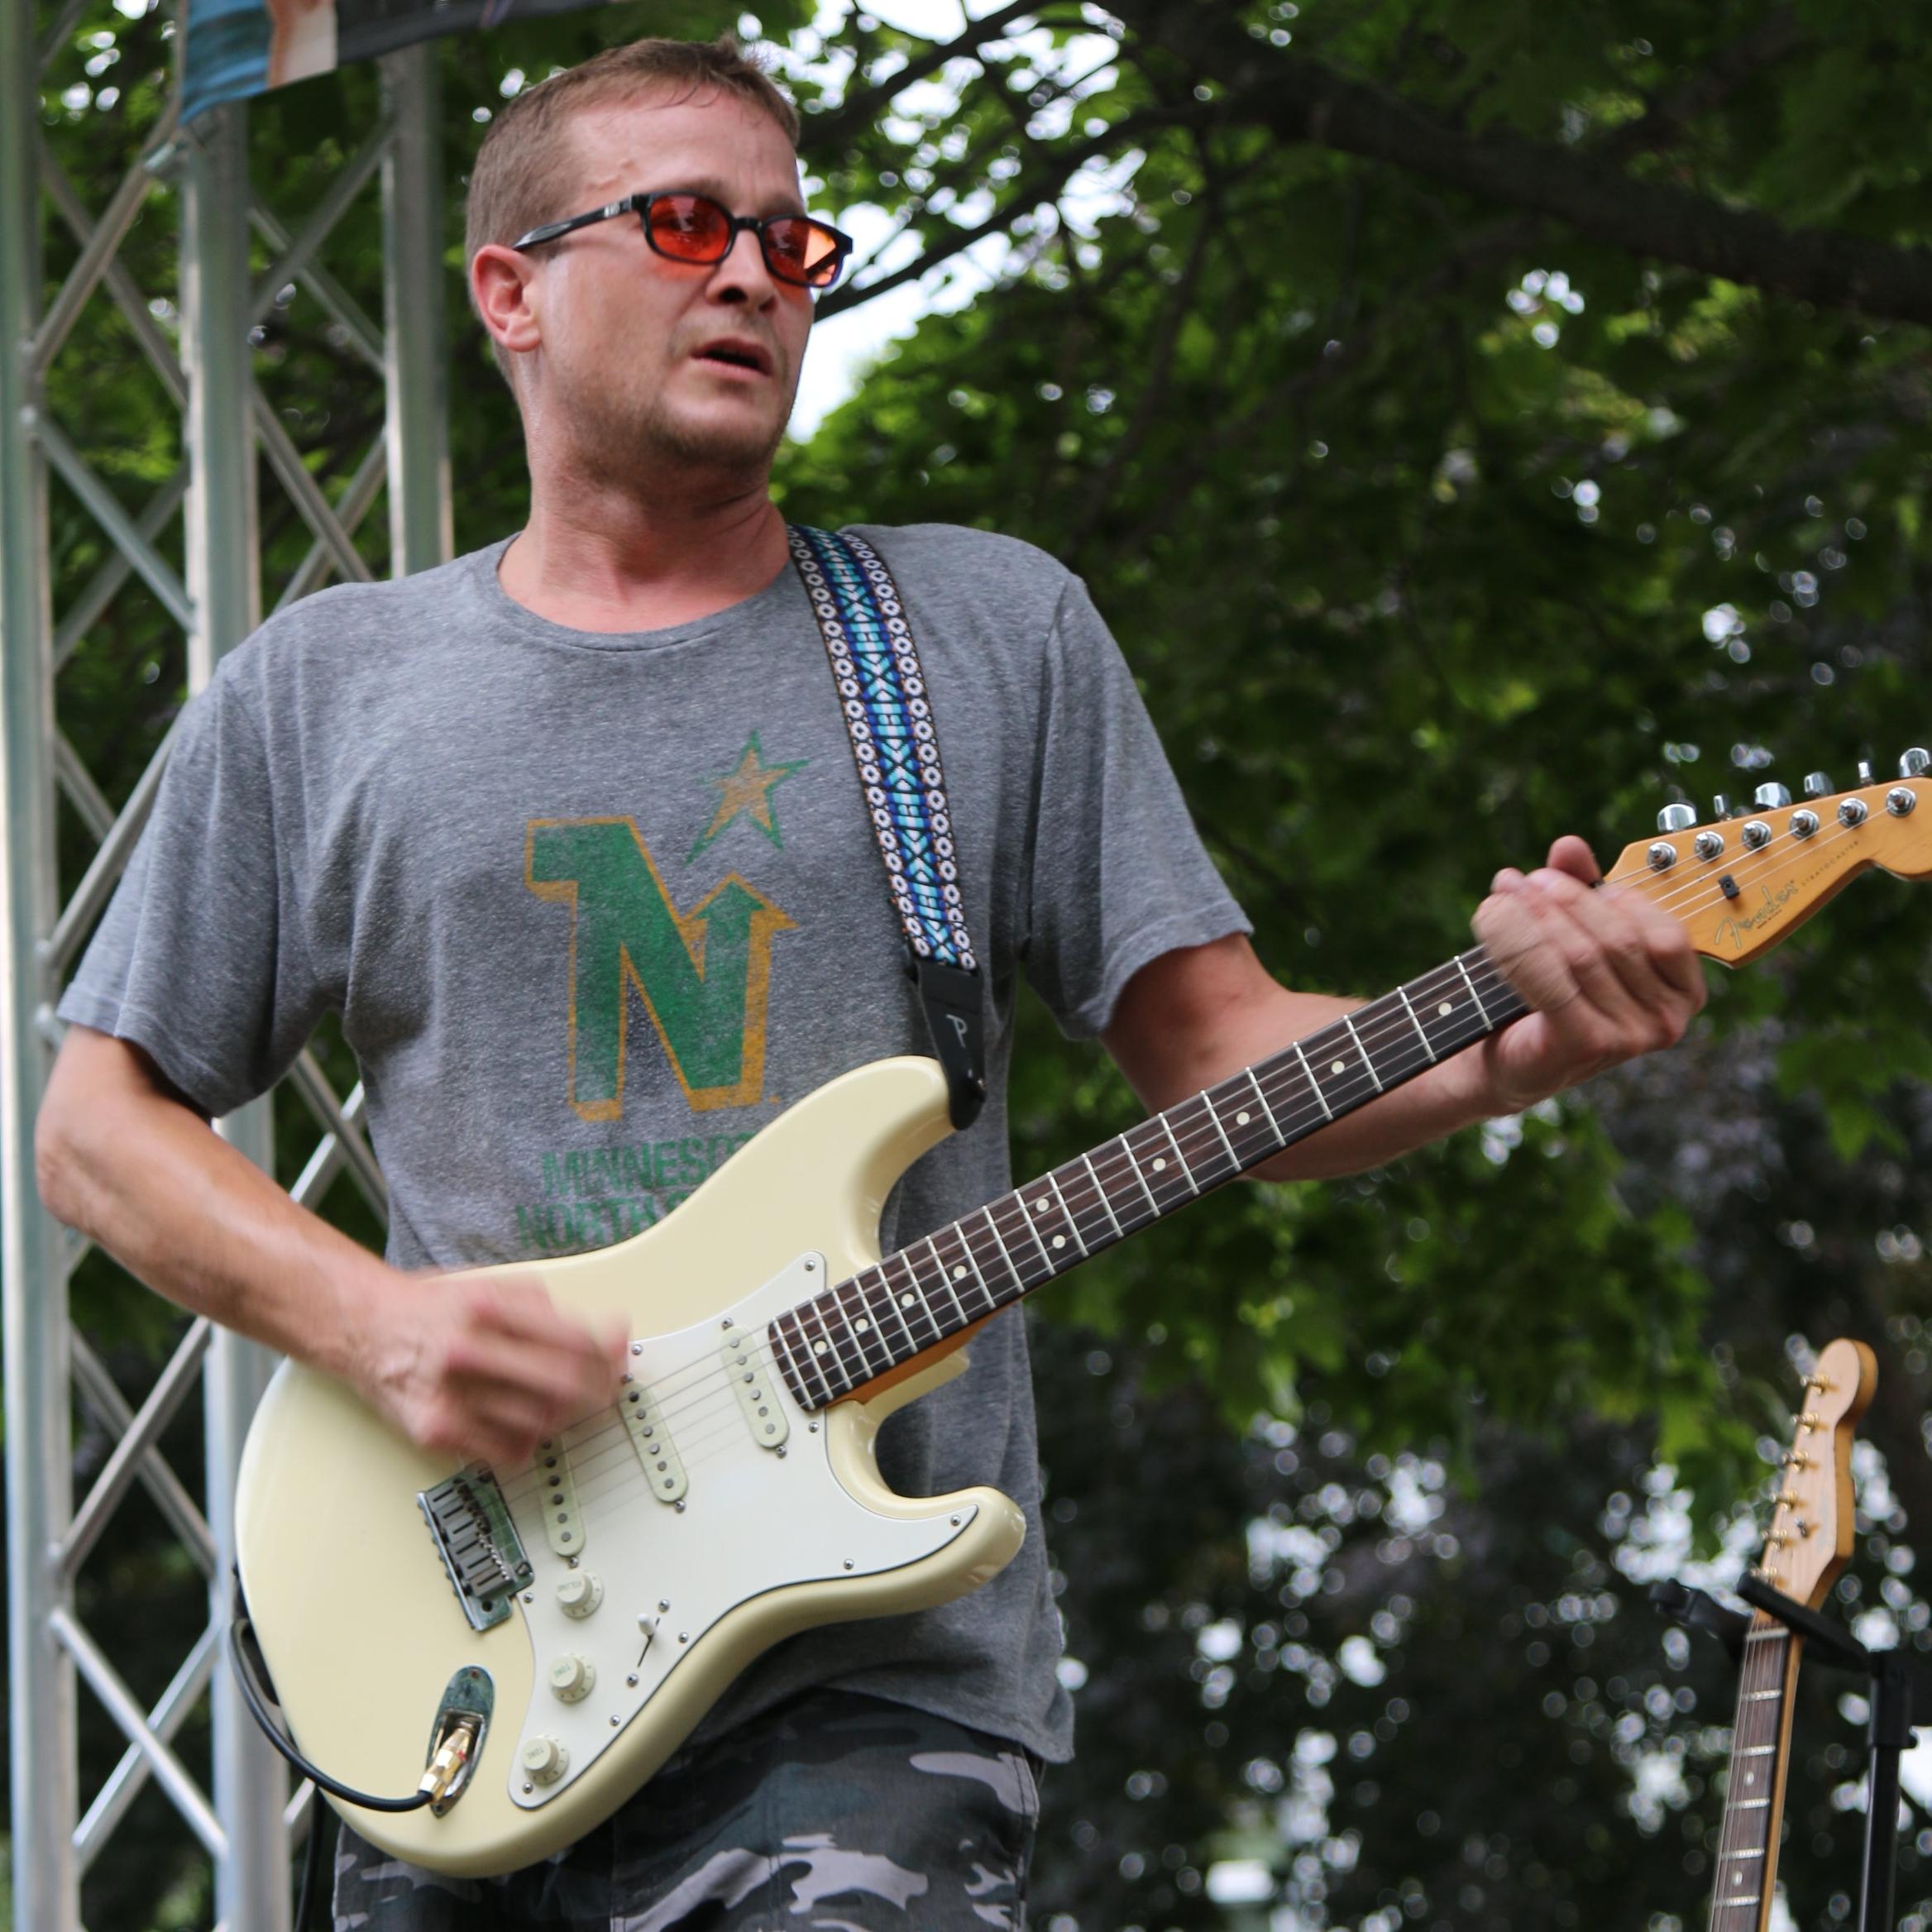 Brian Naughton